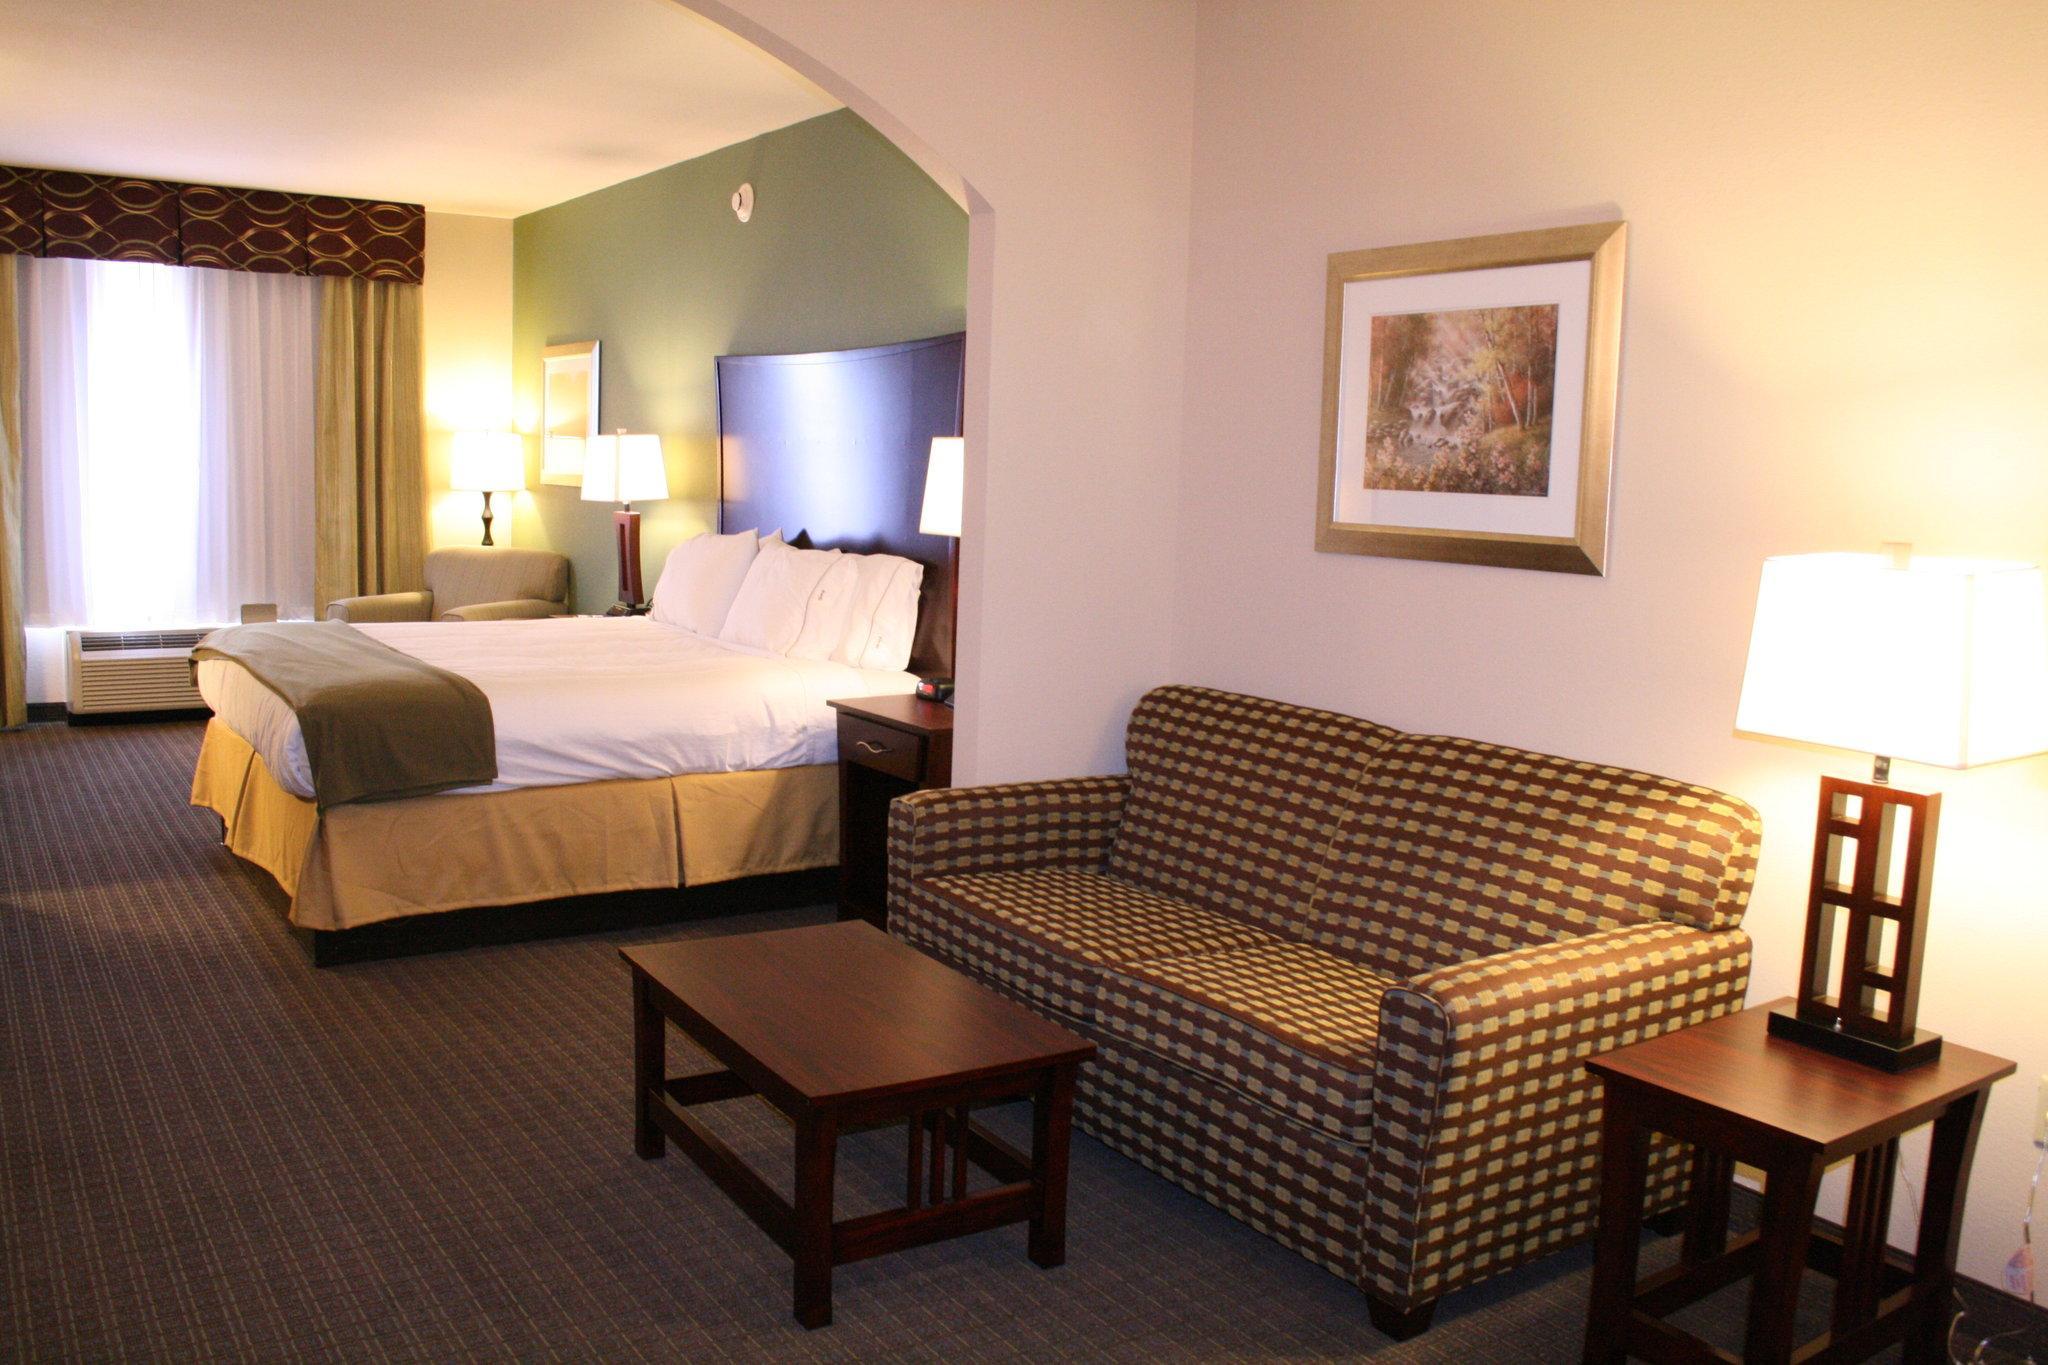 Holiday Inn Express Hotel & Suites Pratt